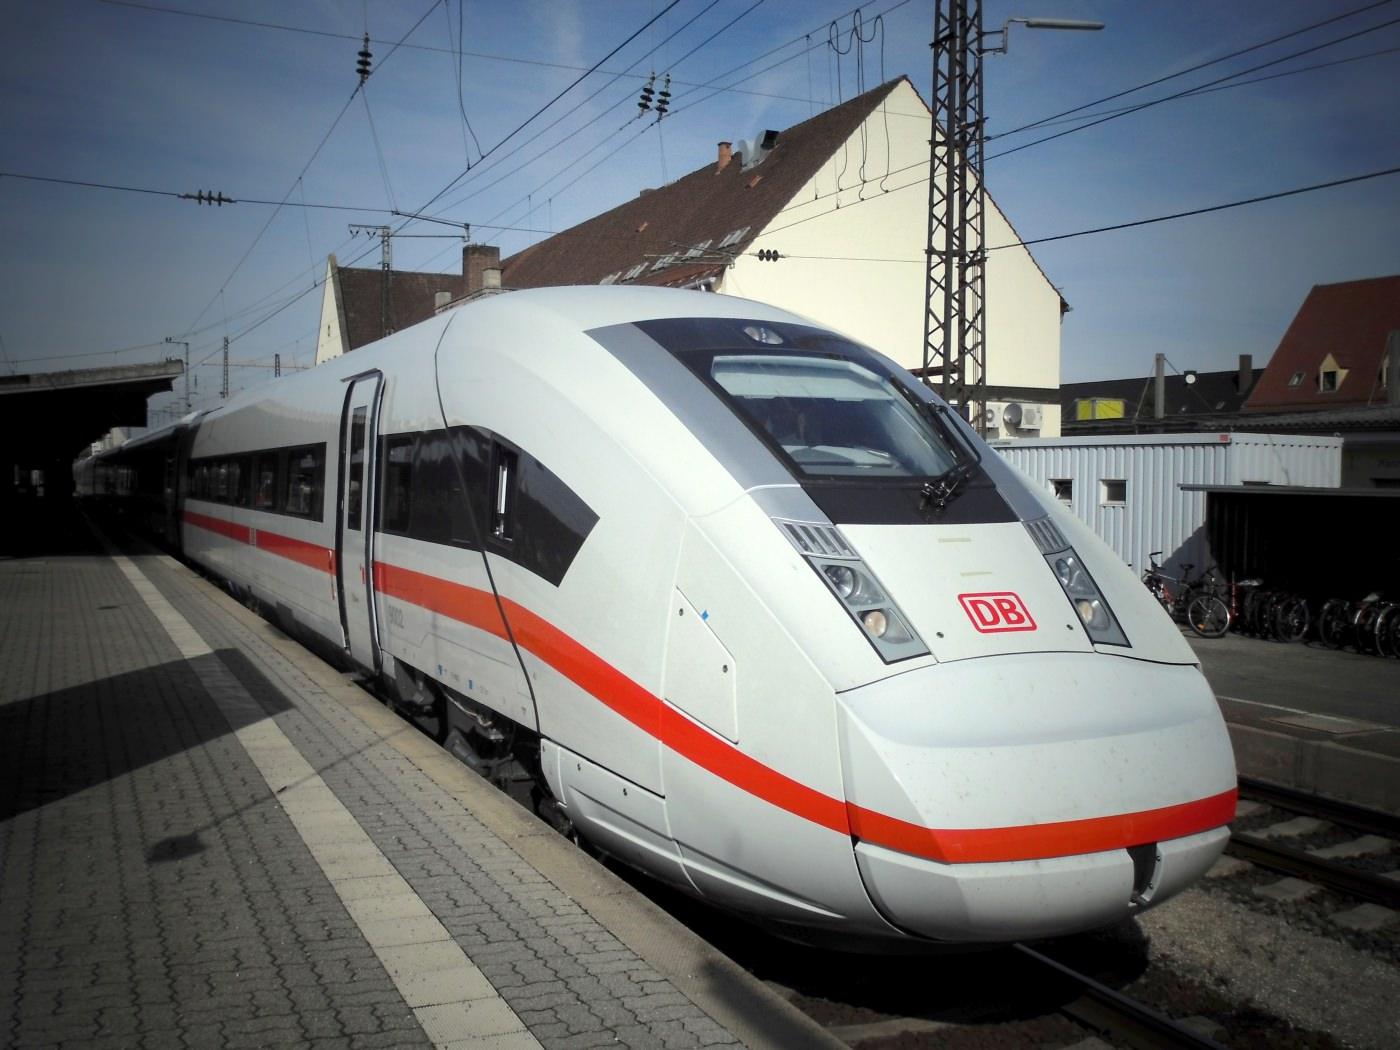 ICx Hochtastfahrten Deutsche Bahn Testfahrten Schienennetz